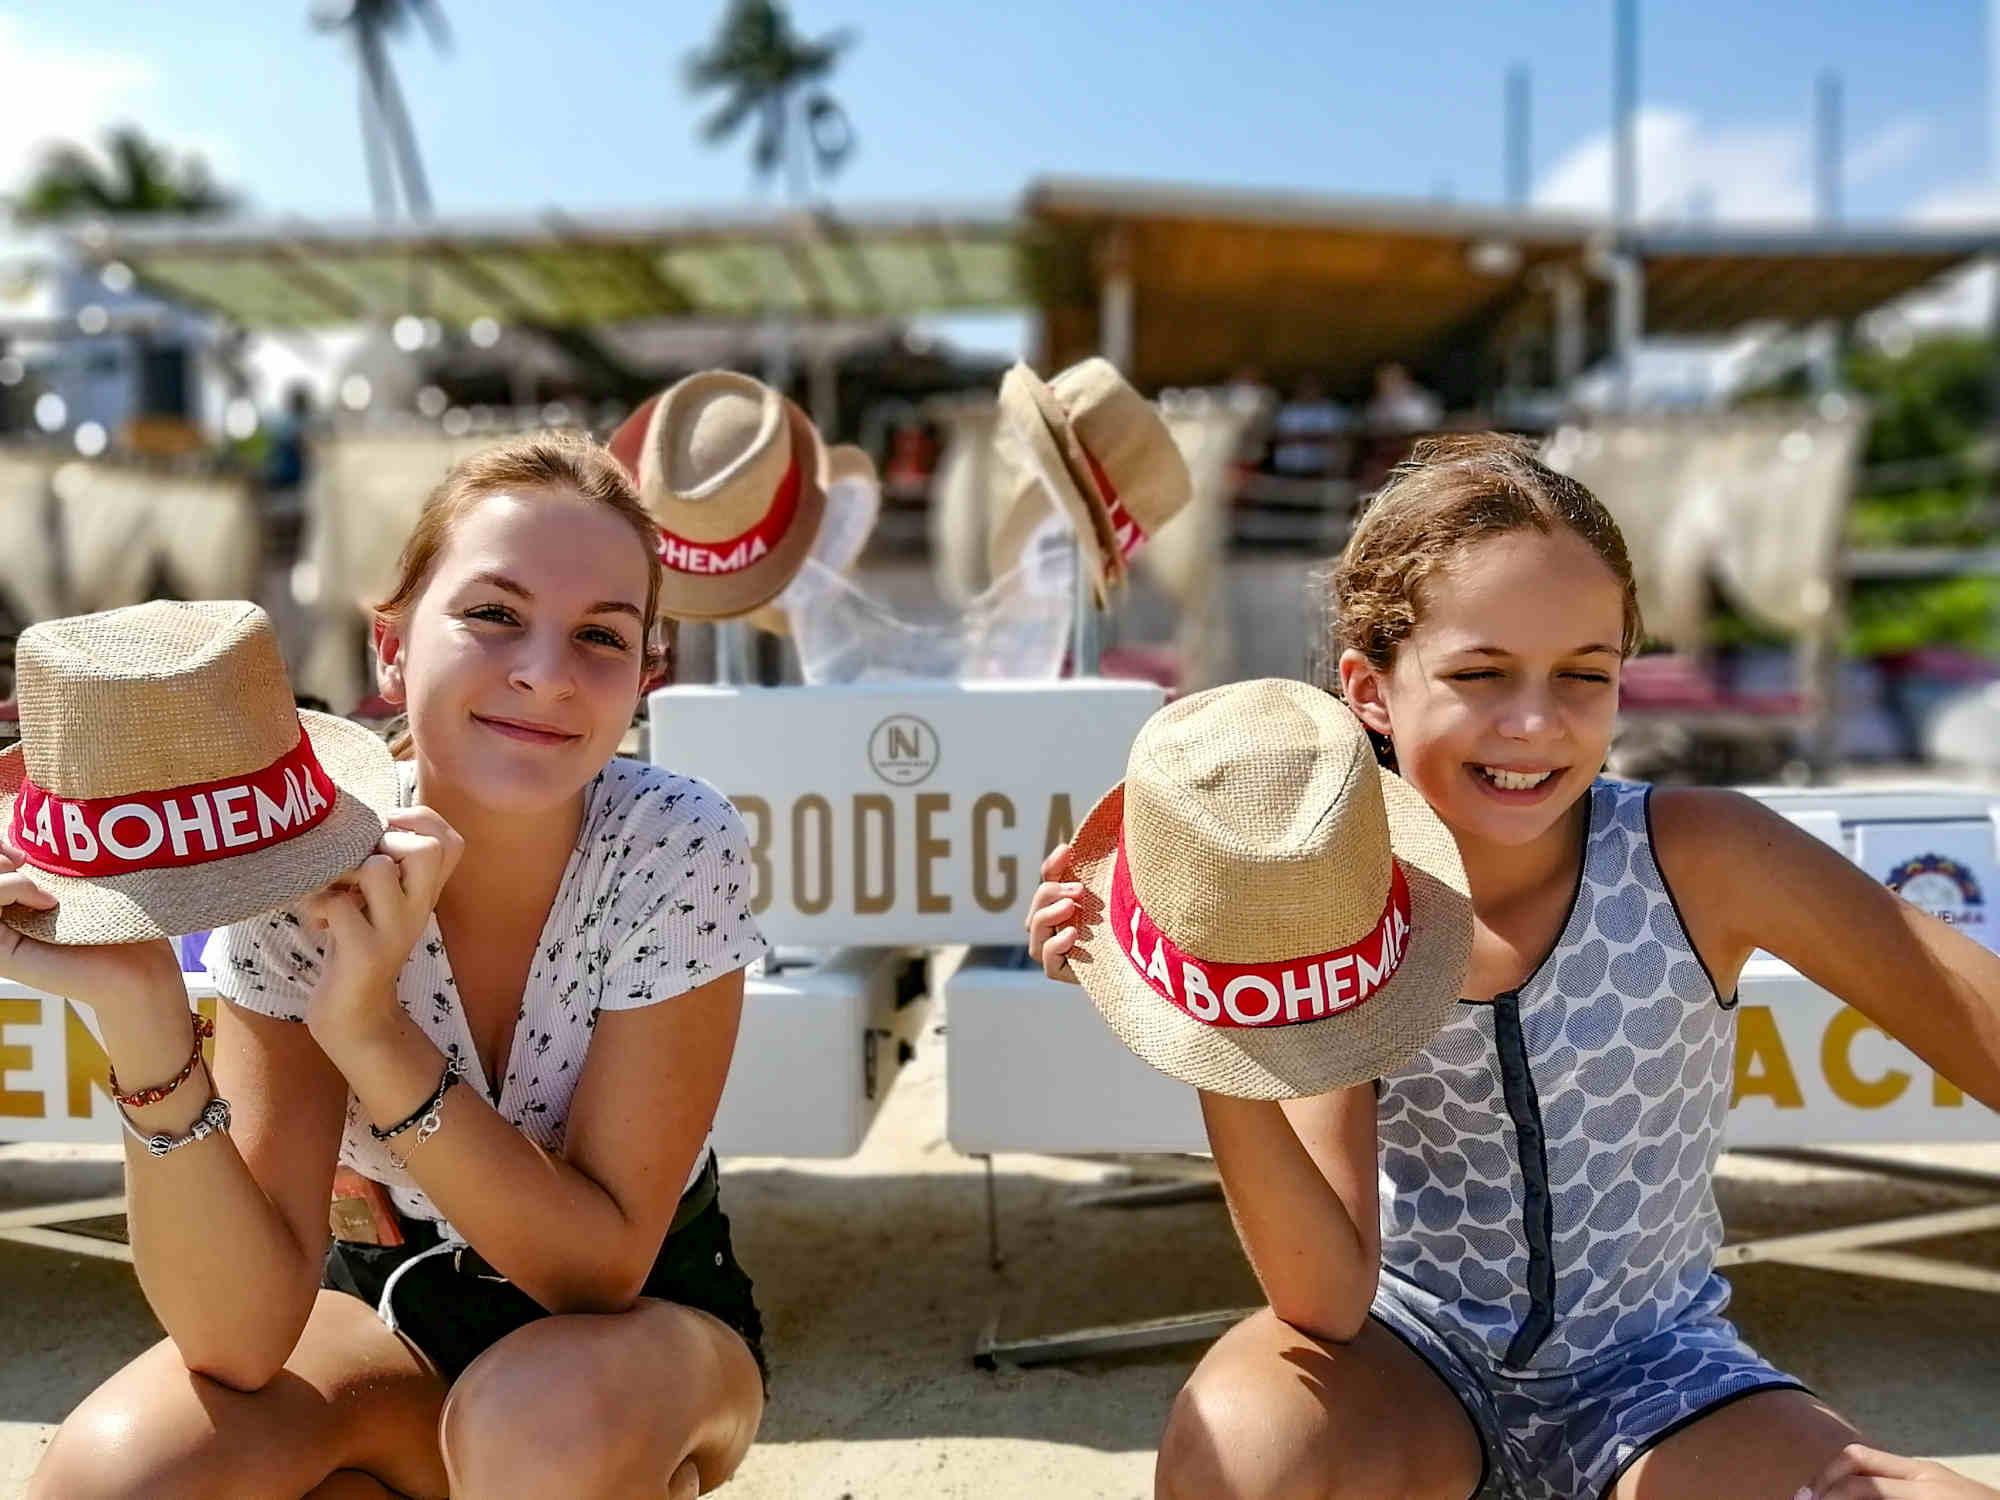 Jeunes visiteurs sur la plage de La Bohemia beach, Beach Club a Koh Samui